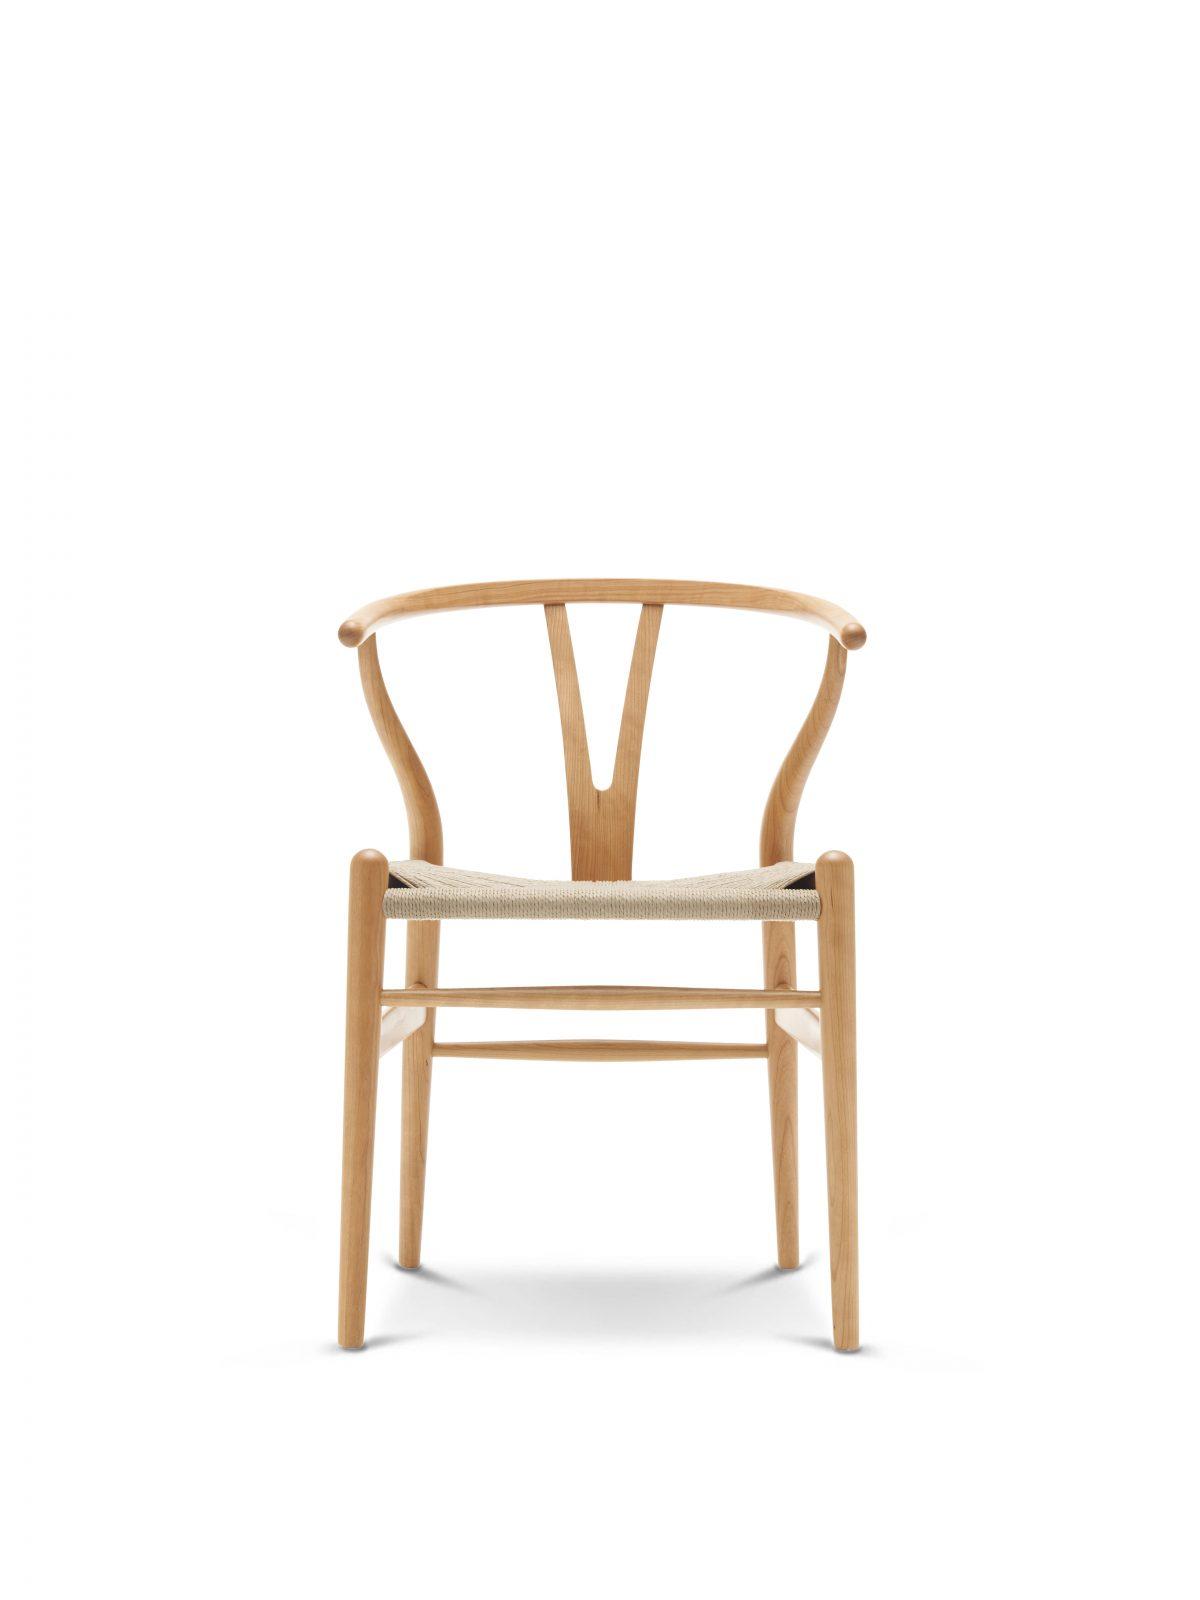 carl hansen ch24 wishbone stuhl ist erh ltlich bei nordic urban in berlin. Black Bedroom Furniture Sets. Home Design Ideas